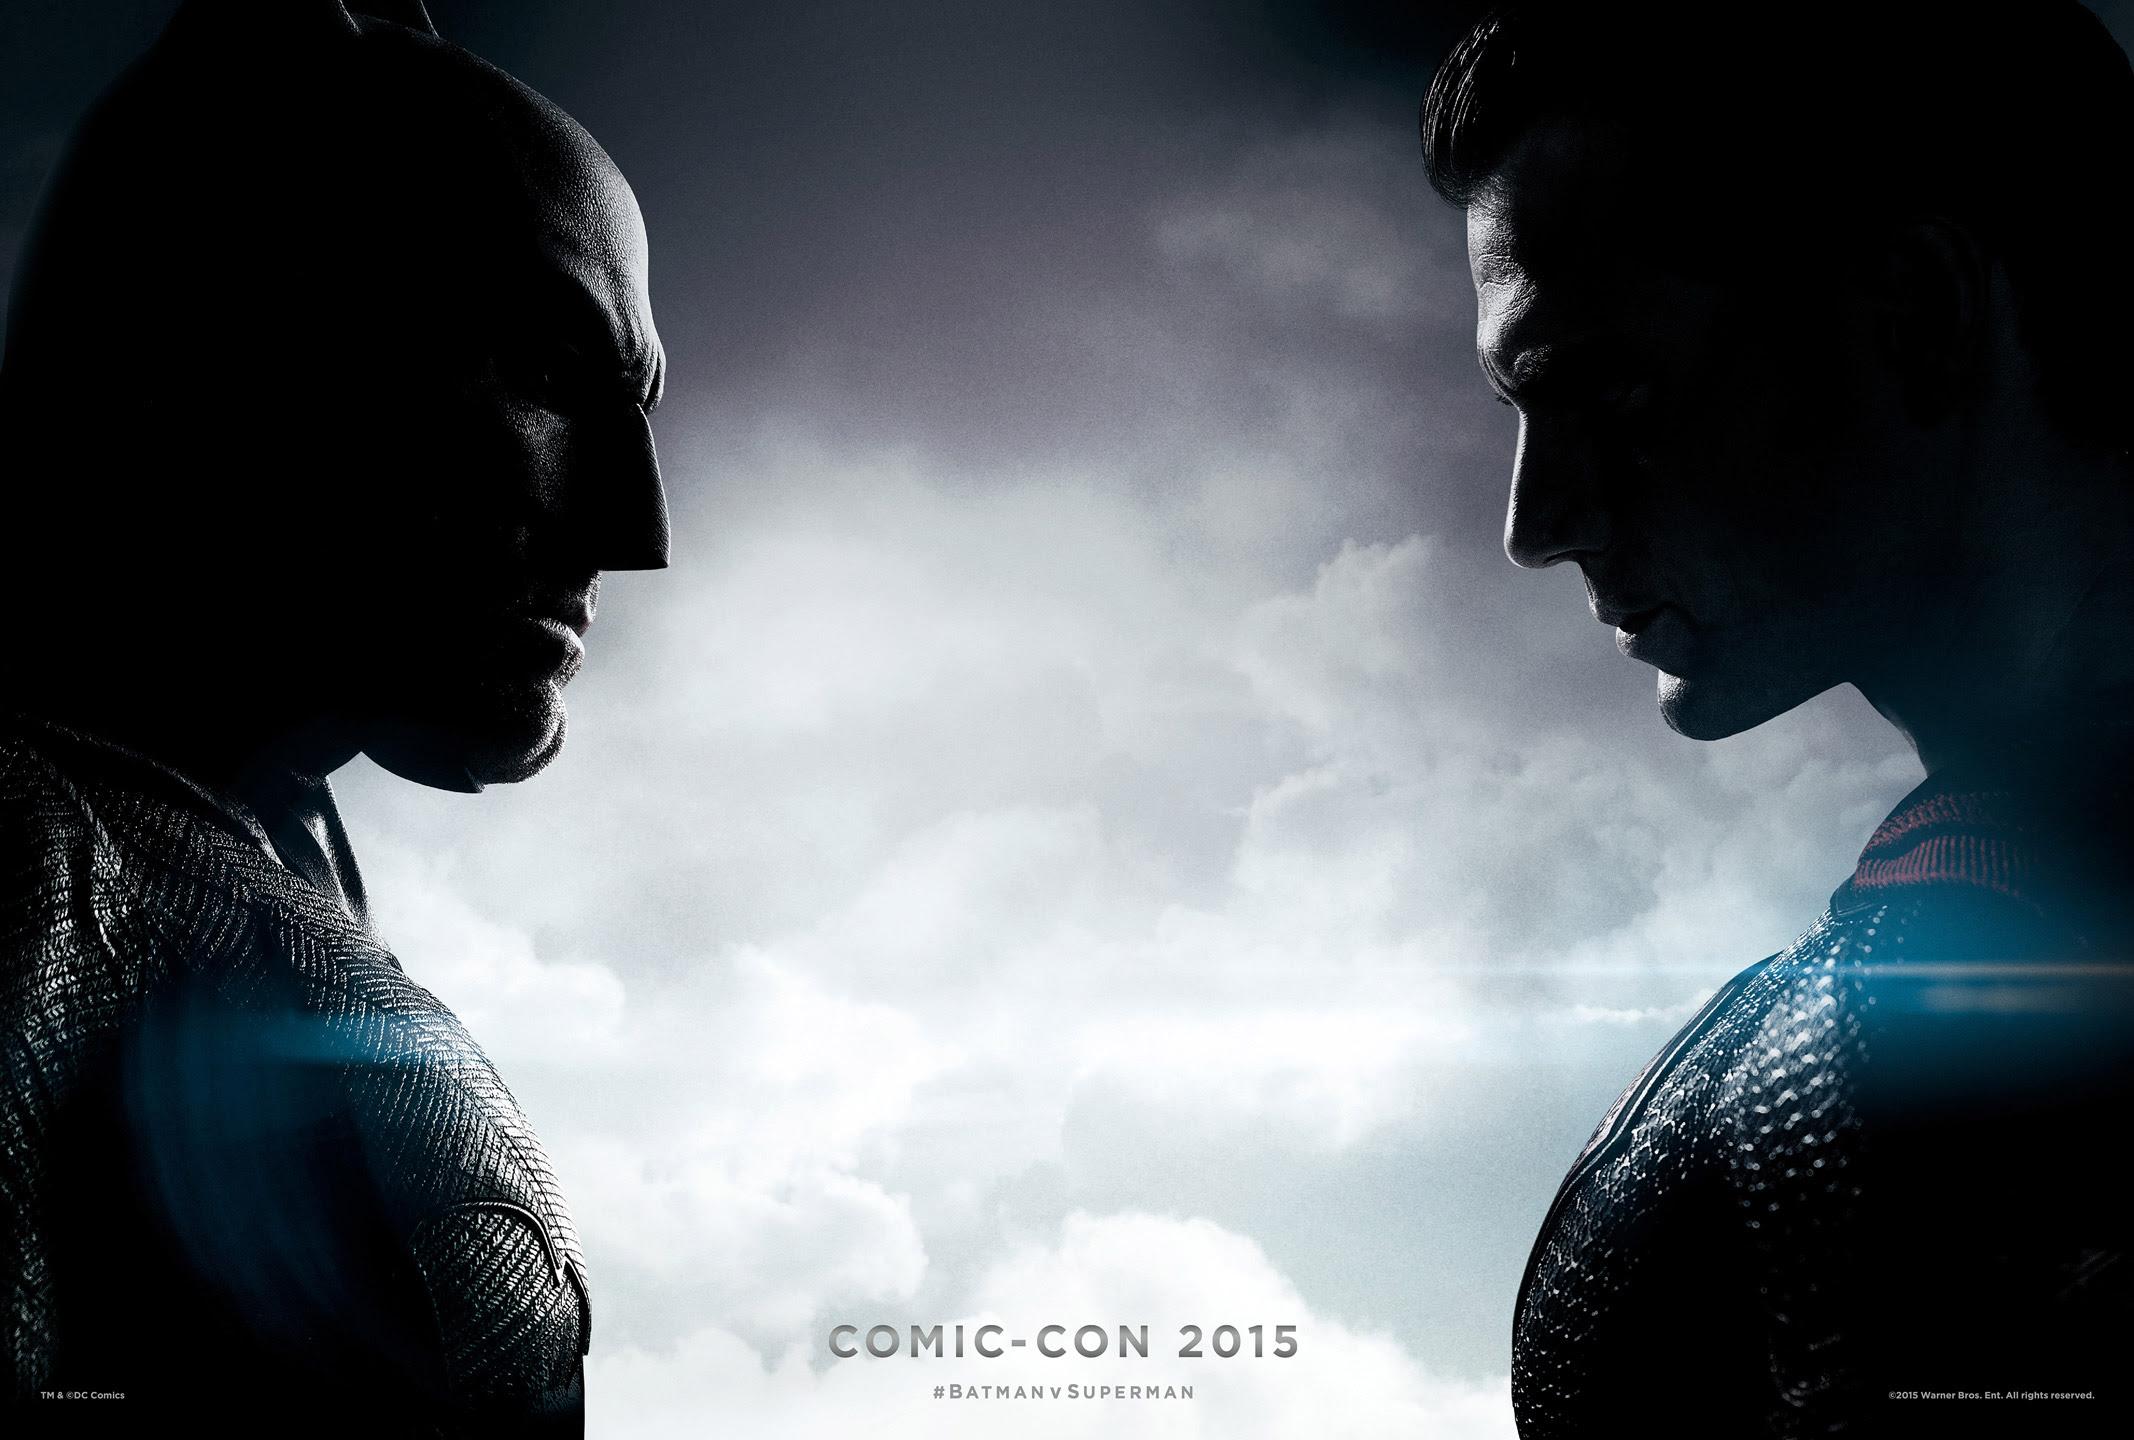 衝撃|笑劇|マーベル商法に倣ったヒーロー映画|バットマン vs スーパーマン ジャスティスの誕生|映画|評価|感想